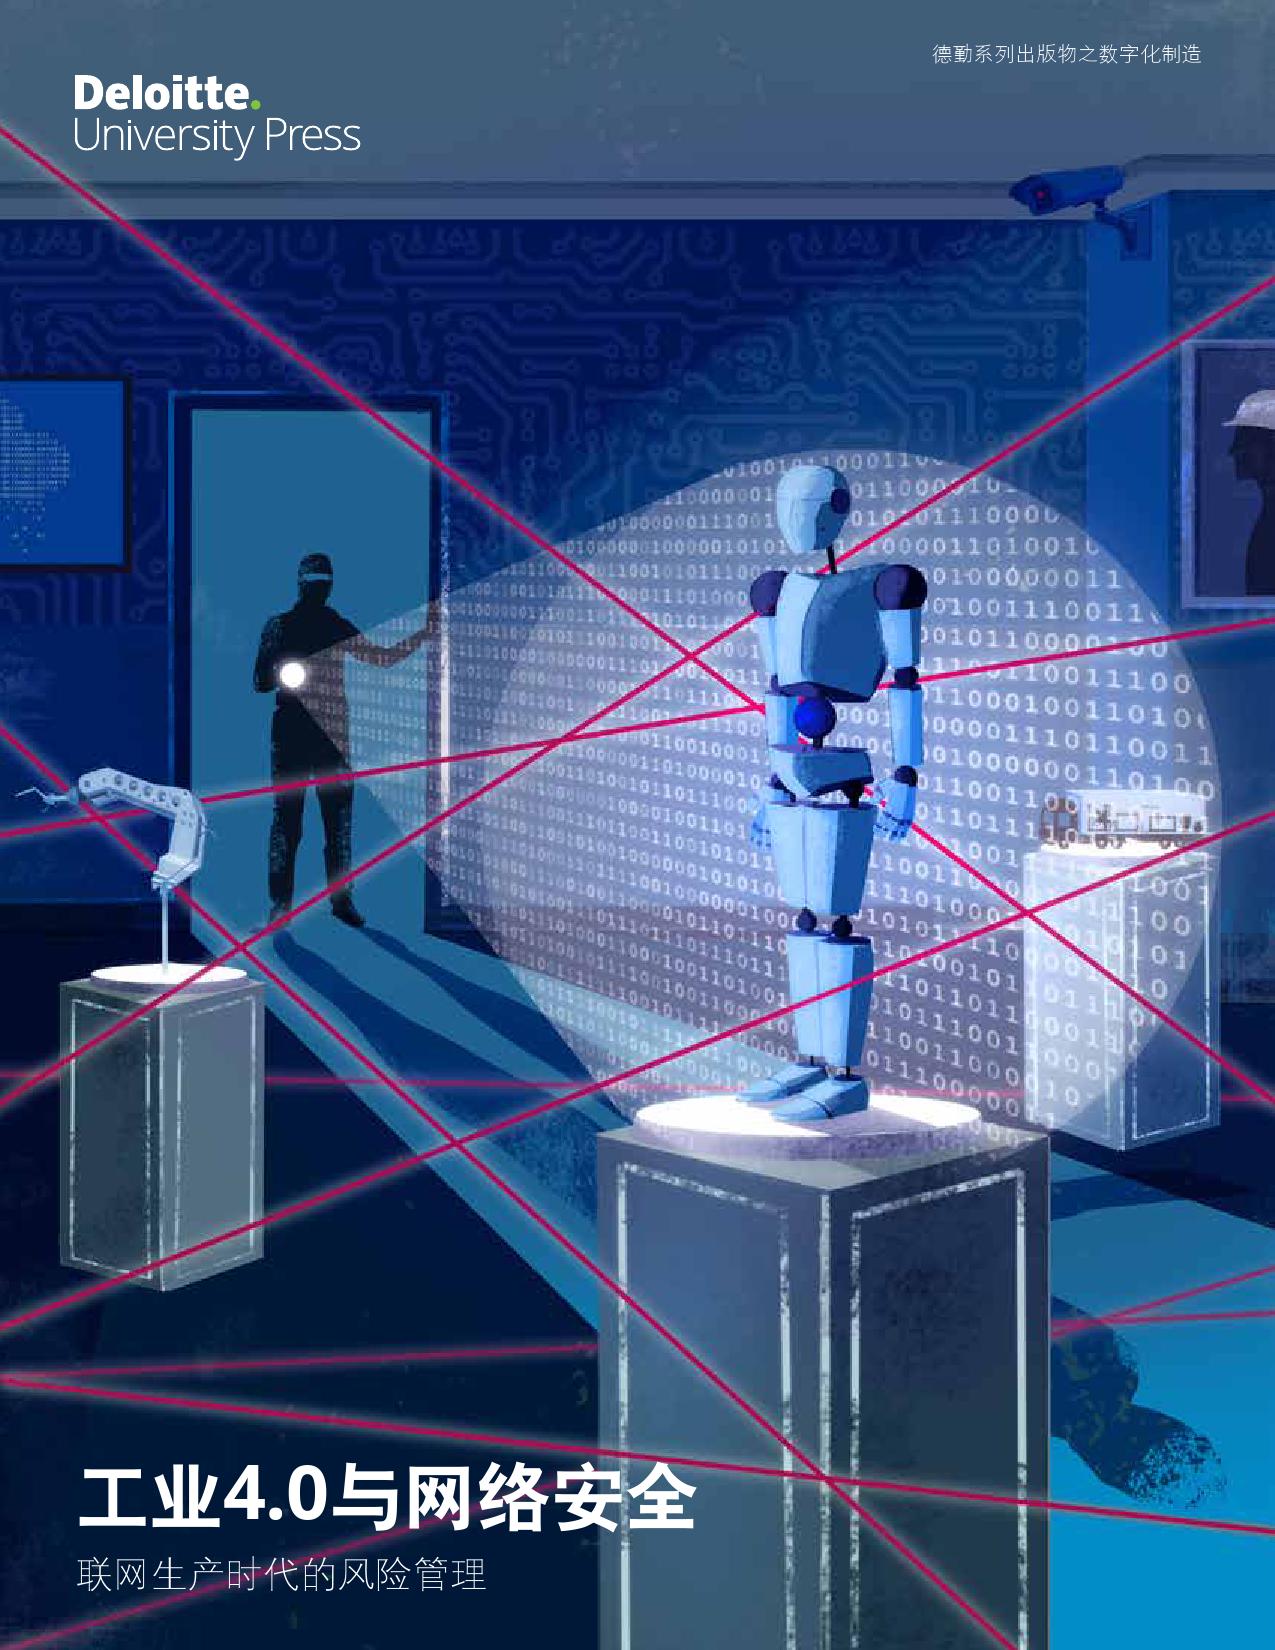 工业4.0与网络安全:联网生产时代的风险管理(附下载)